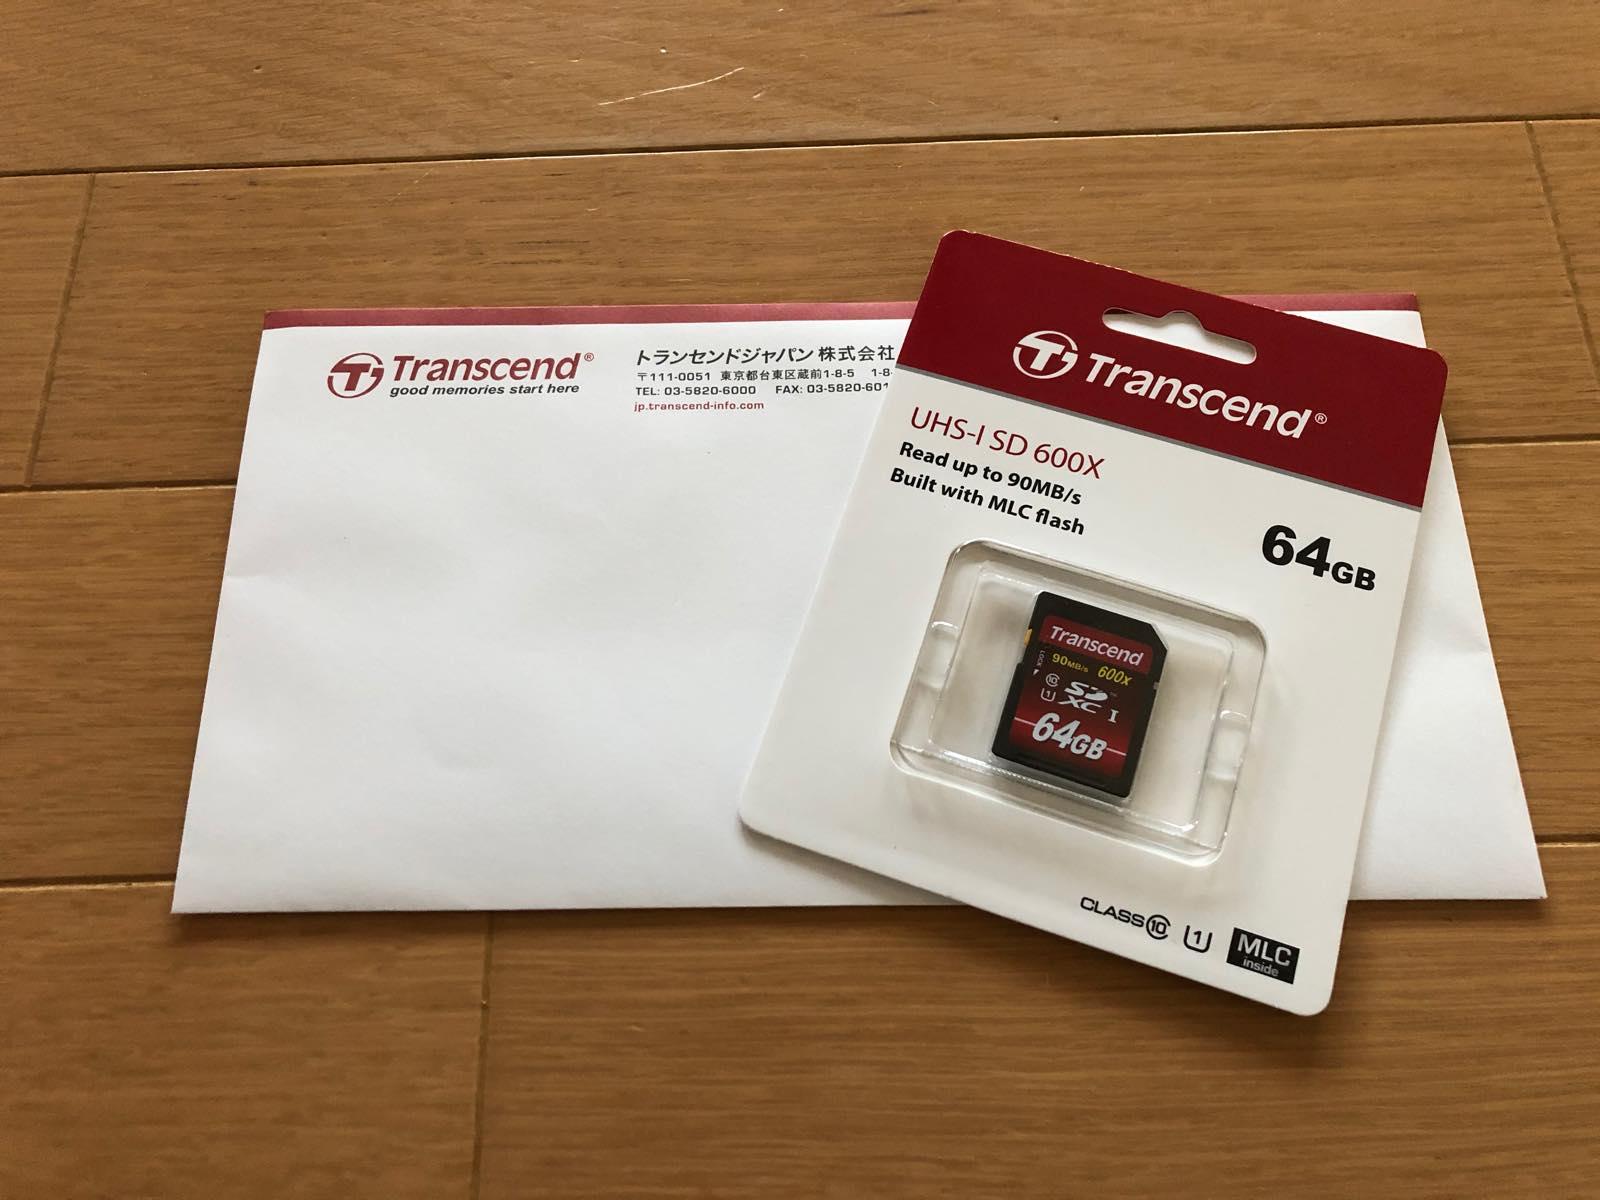 SDカード保証 03 2019717 8540